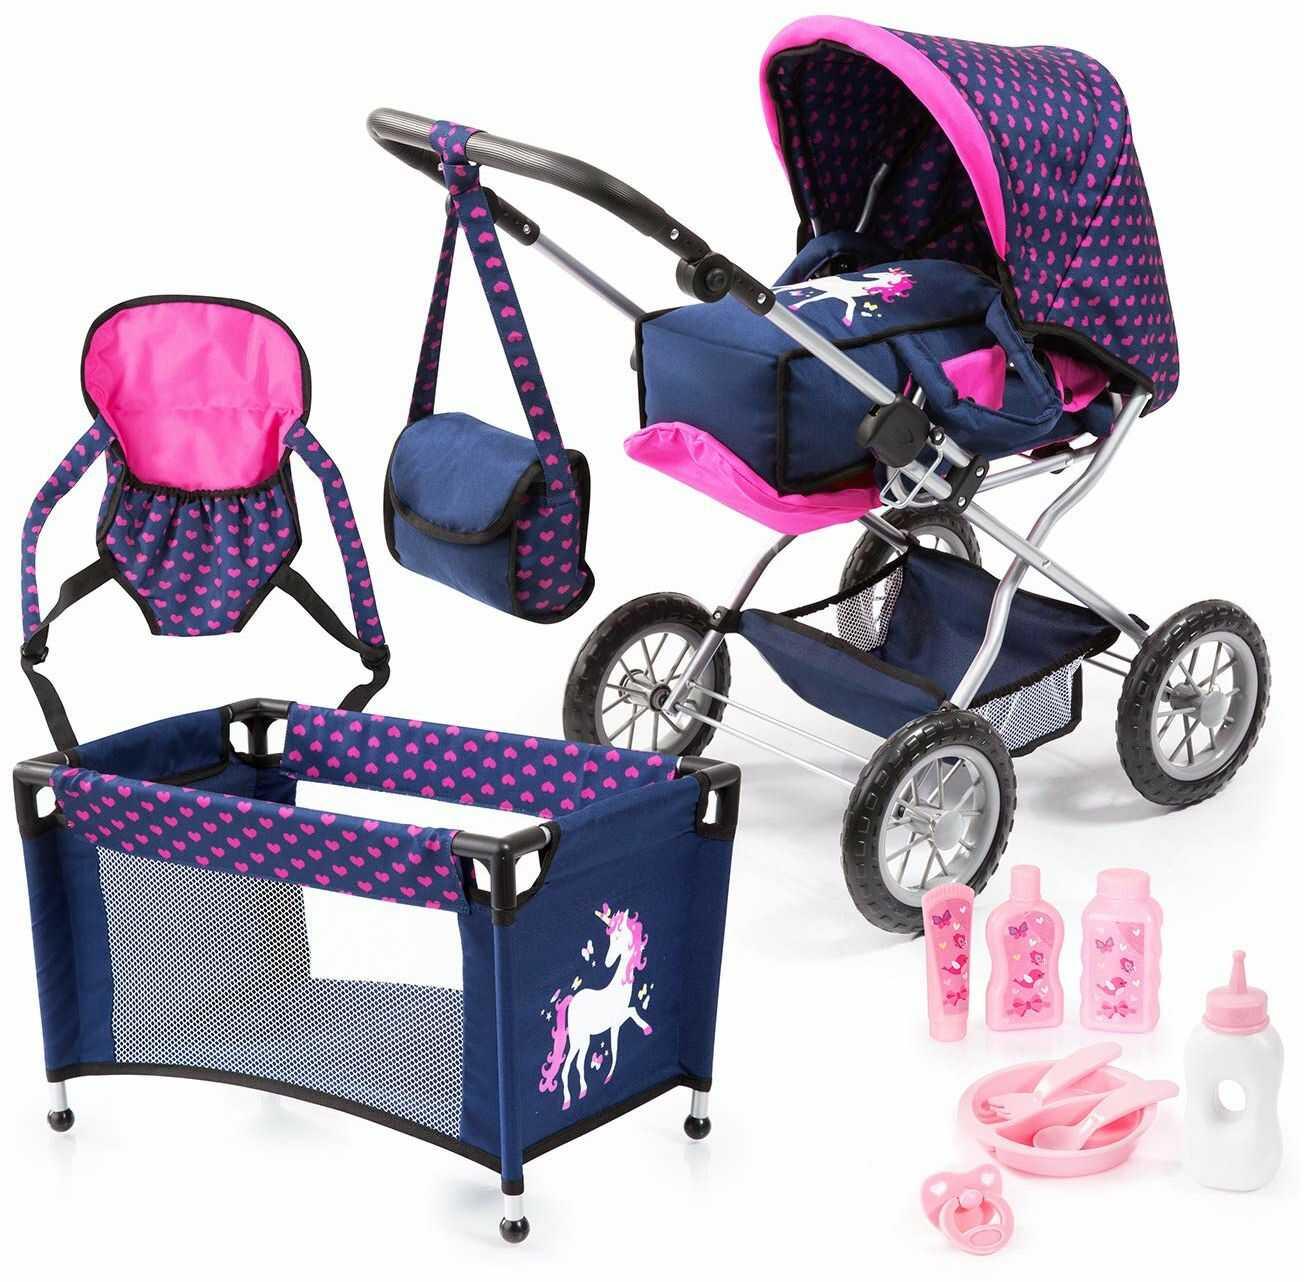 Bayer Design 15054AB wózek dla lalek Combi Grande zestaw z torbą, nosidełkiem, wózkiem transportowym, łóżkiem podróżnym, akcesoria dla lalek, niebieski różowy jednorożec